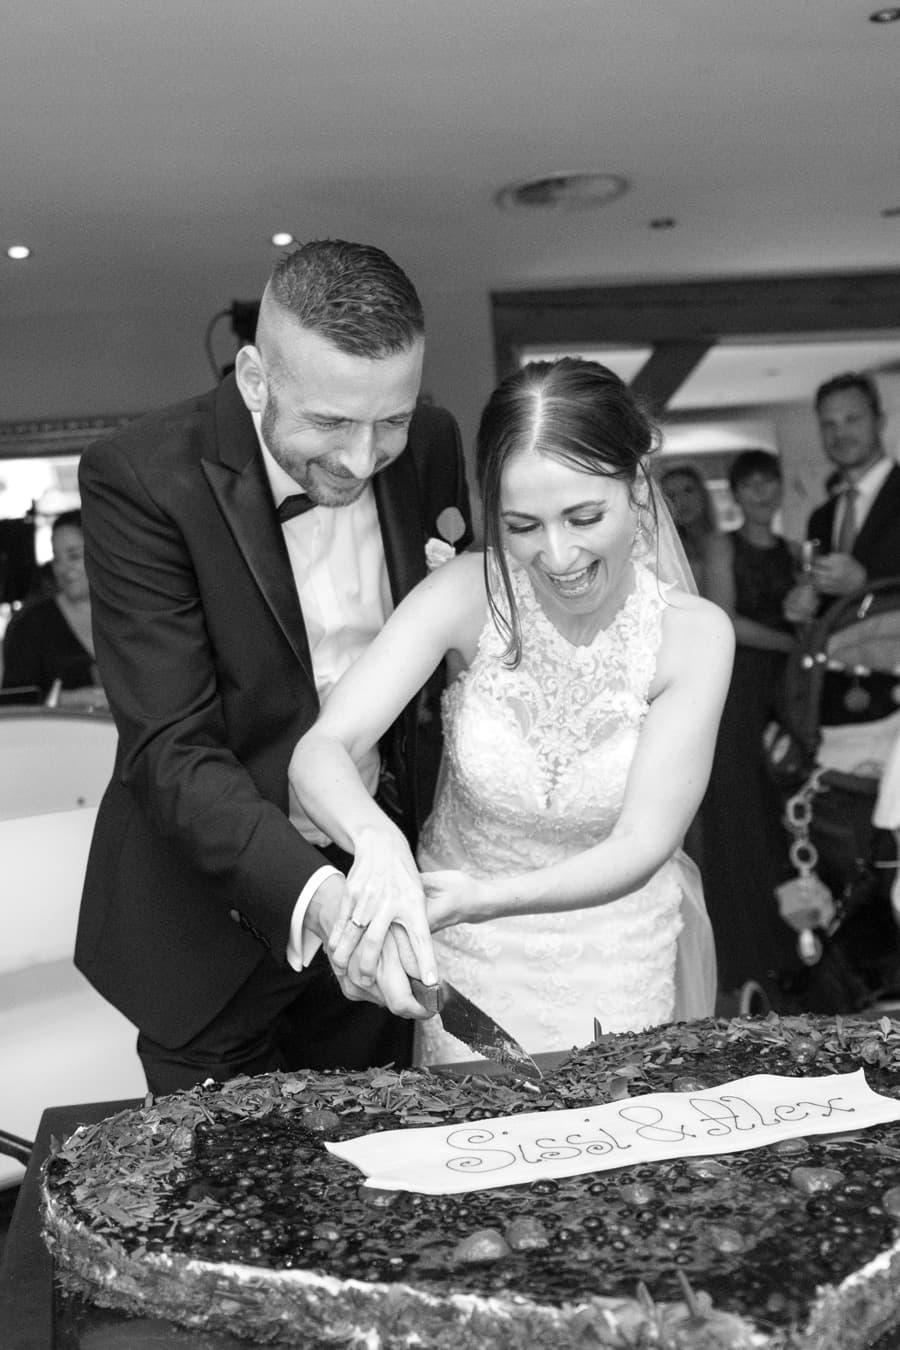 Hochzeit - Hochzeitstorte anschneiden